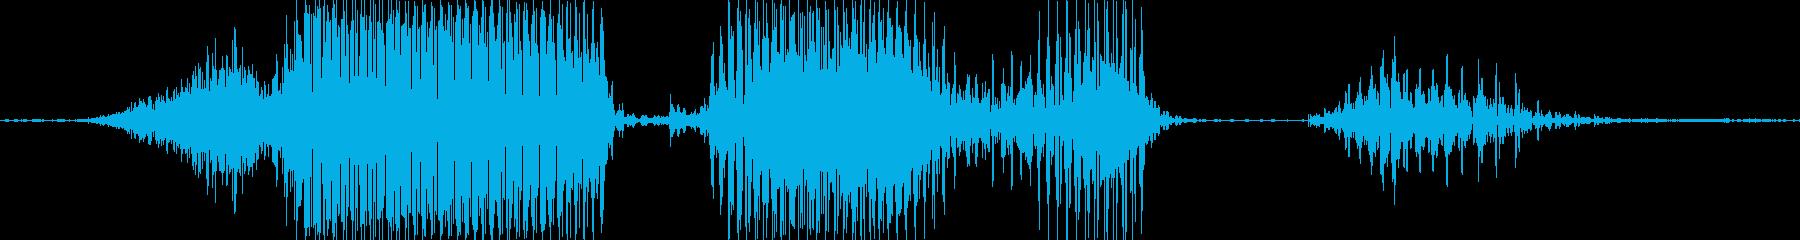 正解発表の再生済みの波形